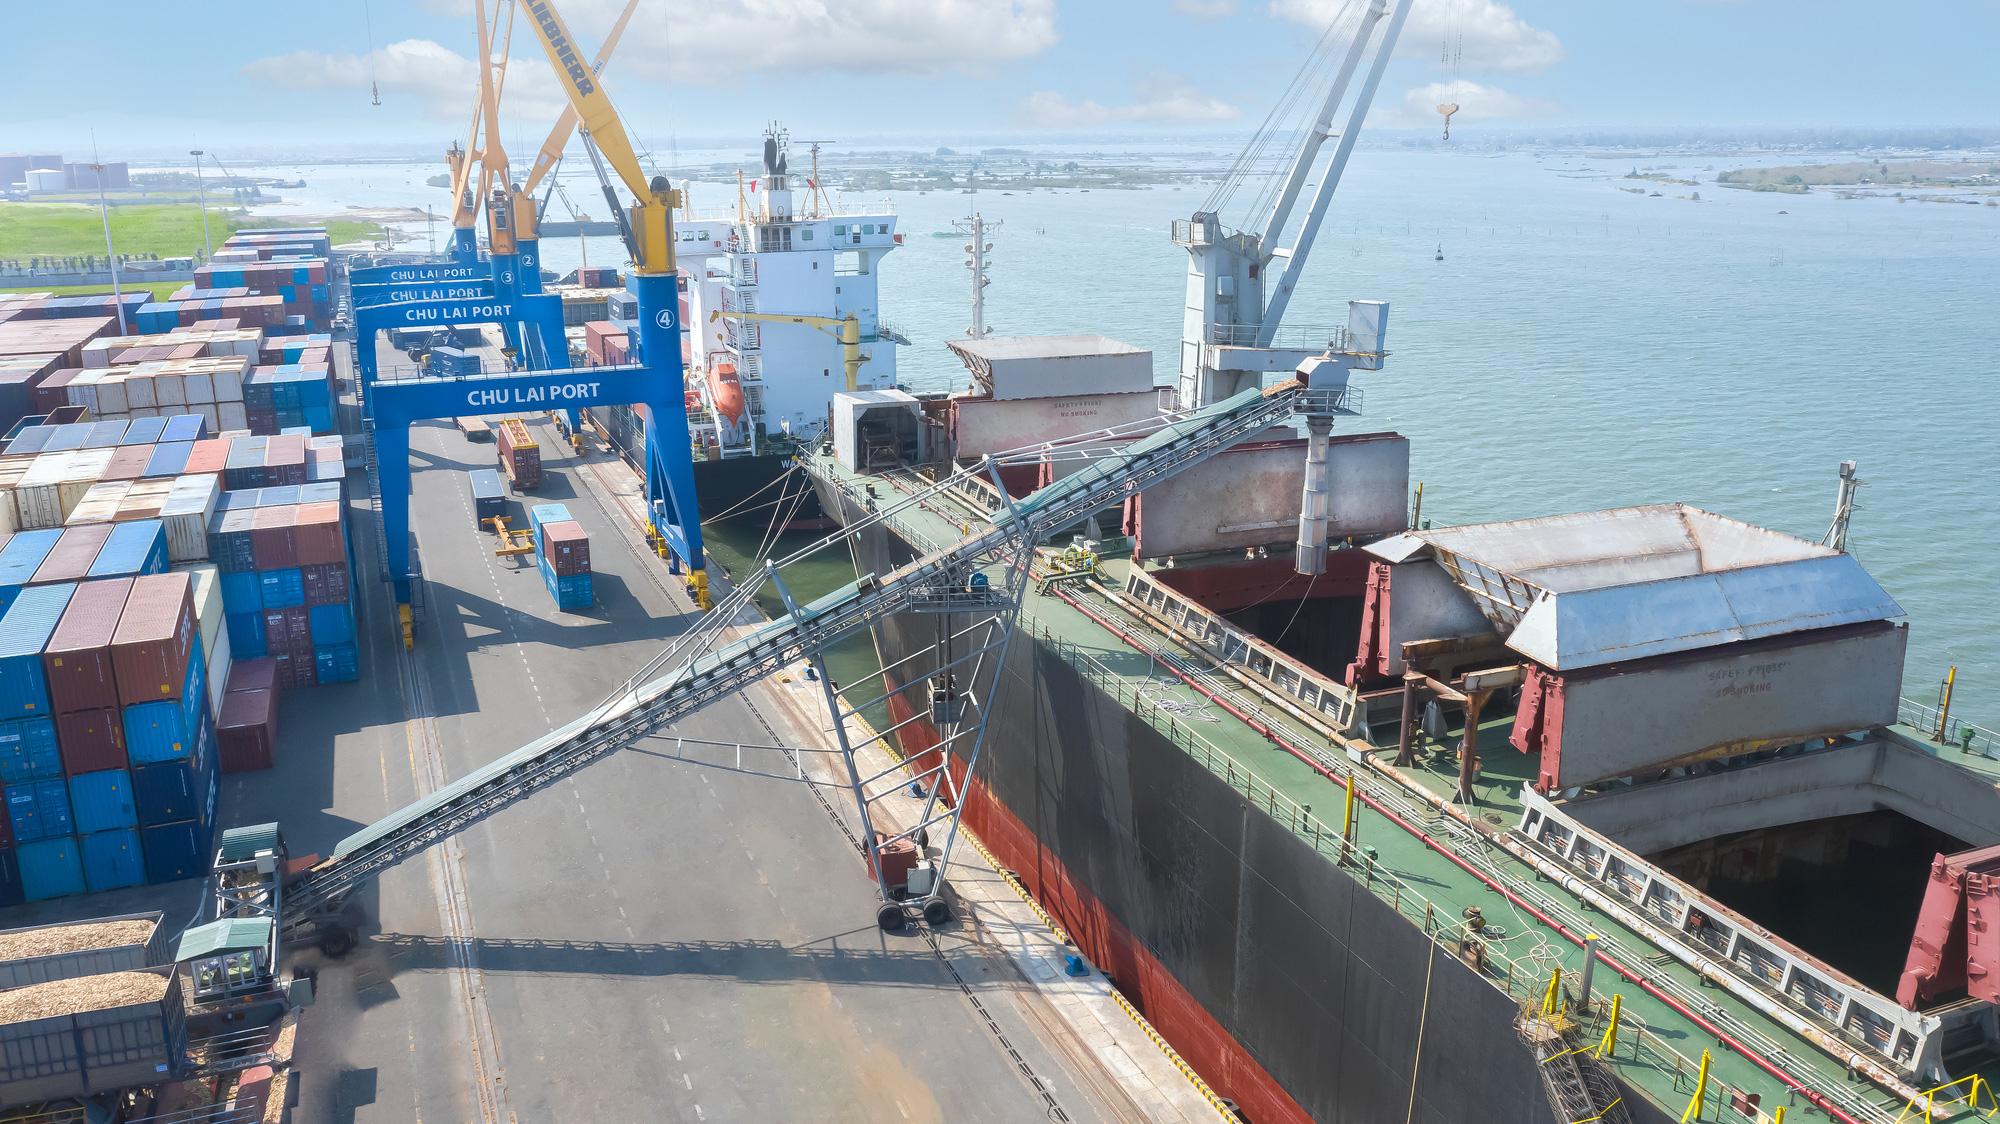 Dịch vụ logistics trọn gói của THILOGI: Giải pháp giúp doanh nghiệp tăng tính cạnh tranh - Ảnh 3.